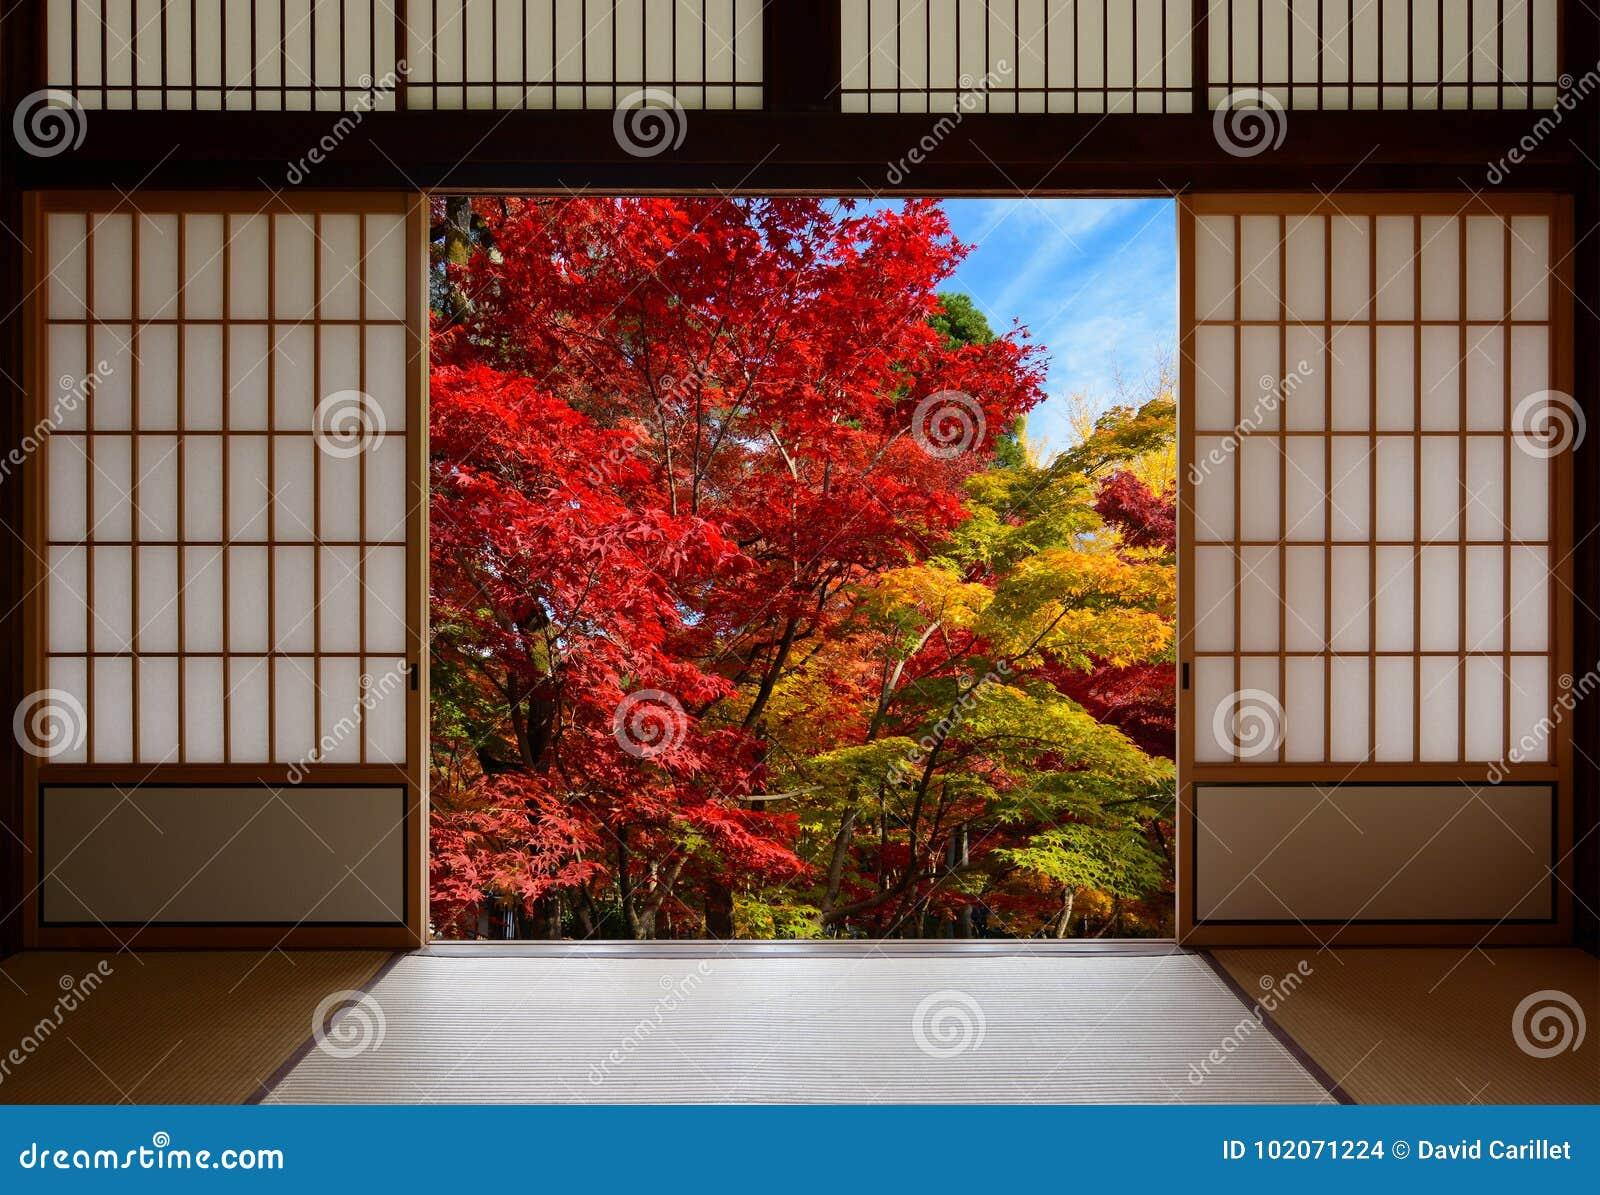 Carta Di Riso Su Legno.Porte Di Legno Della Carta Di Riso Giapponese Aperte Ad Una